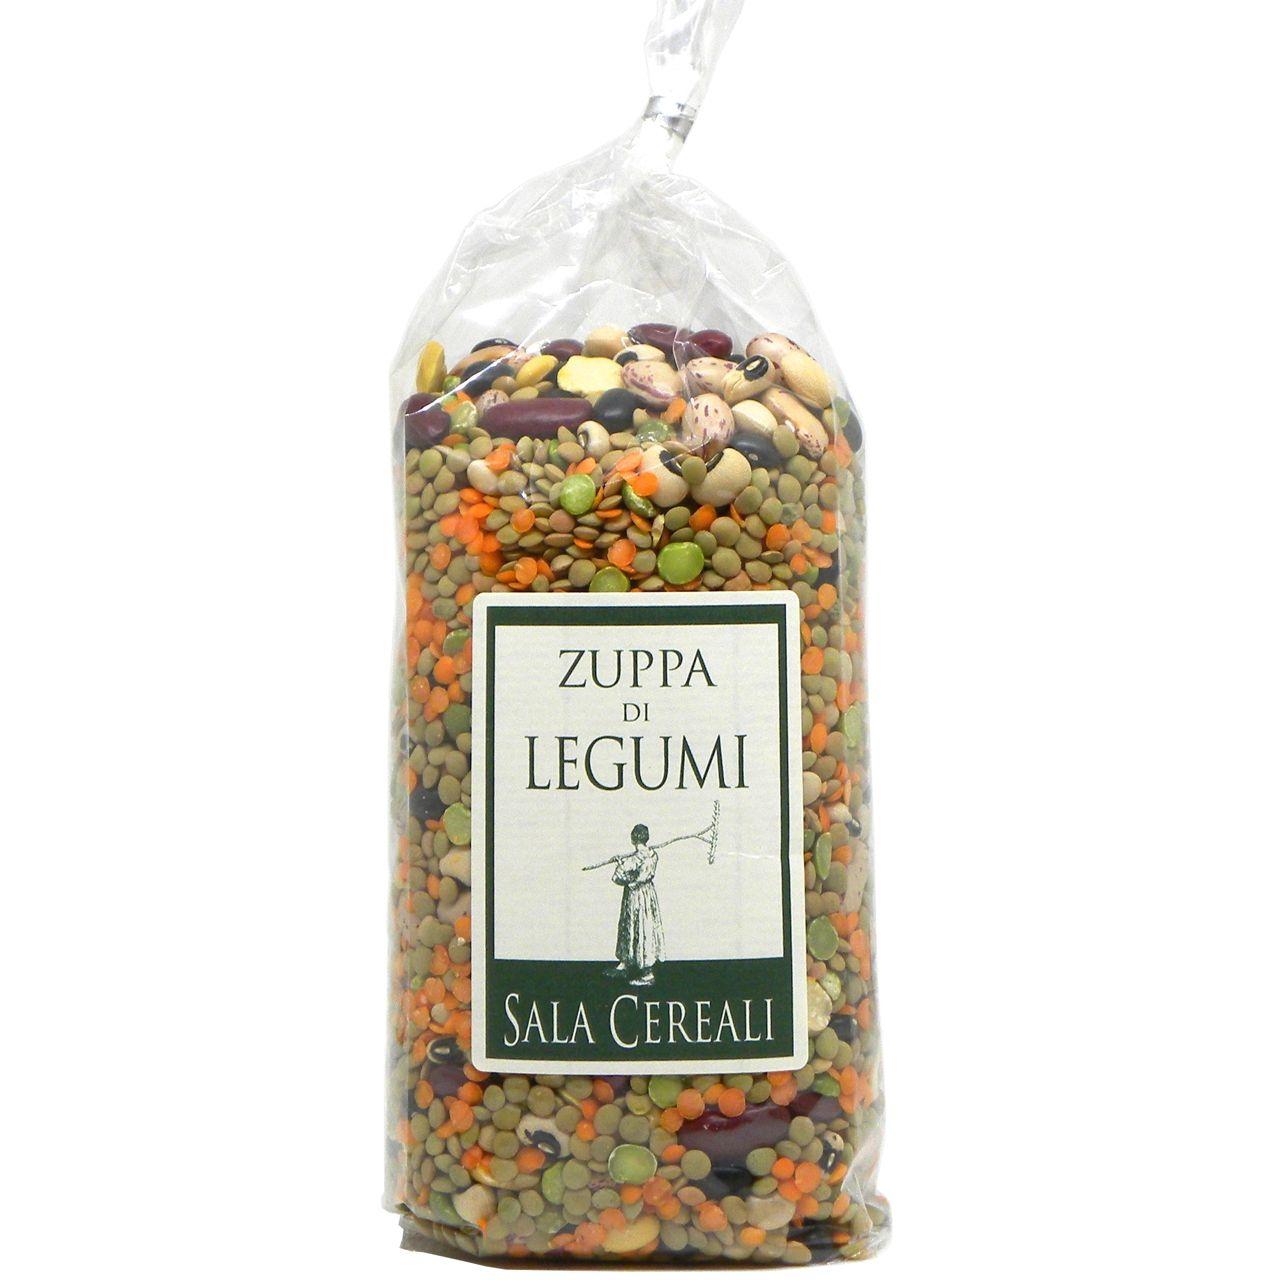 Zuppa di legumi Sala Cereali – Sala Cereali Legumes Soup – Gustorotondo – Italian food boutique